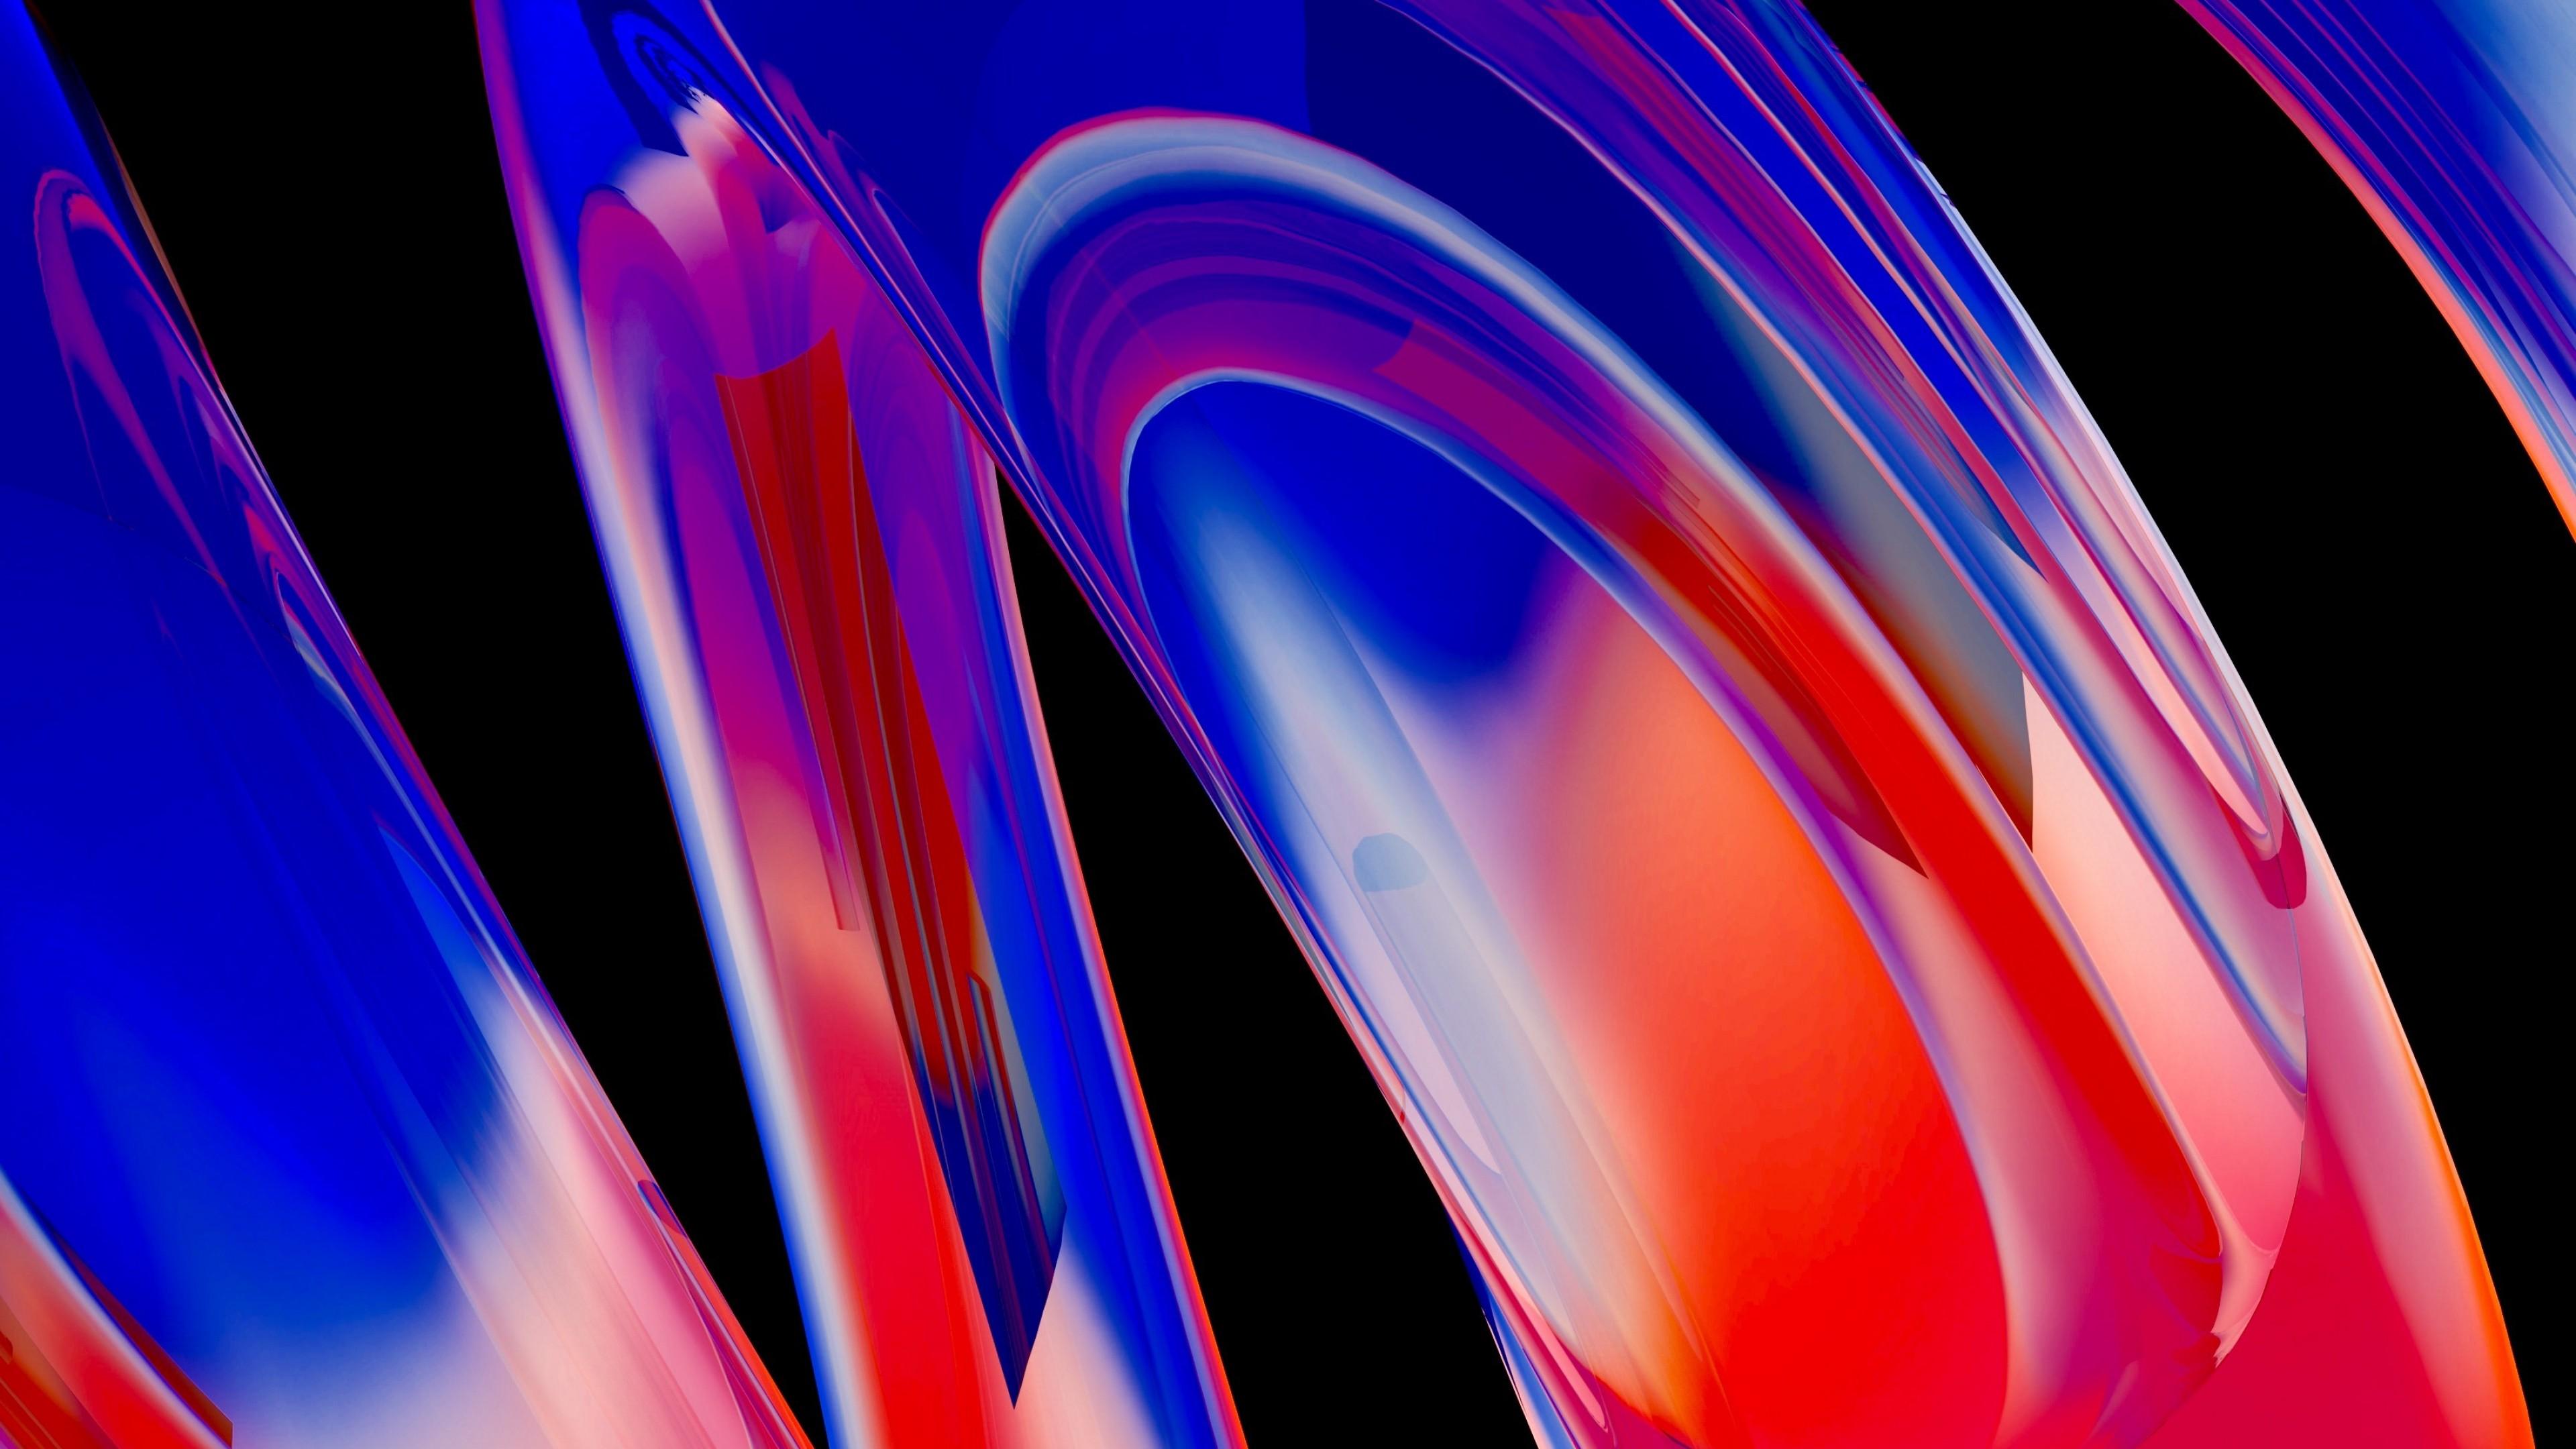 Абстракция-красно-синие размытые спиральные круги на черном фоне